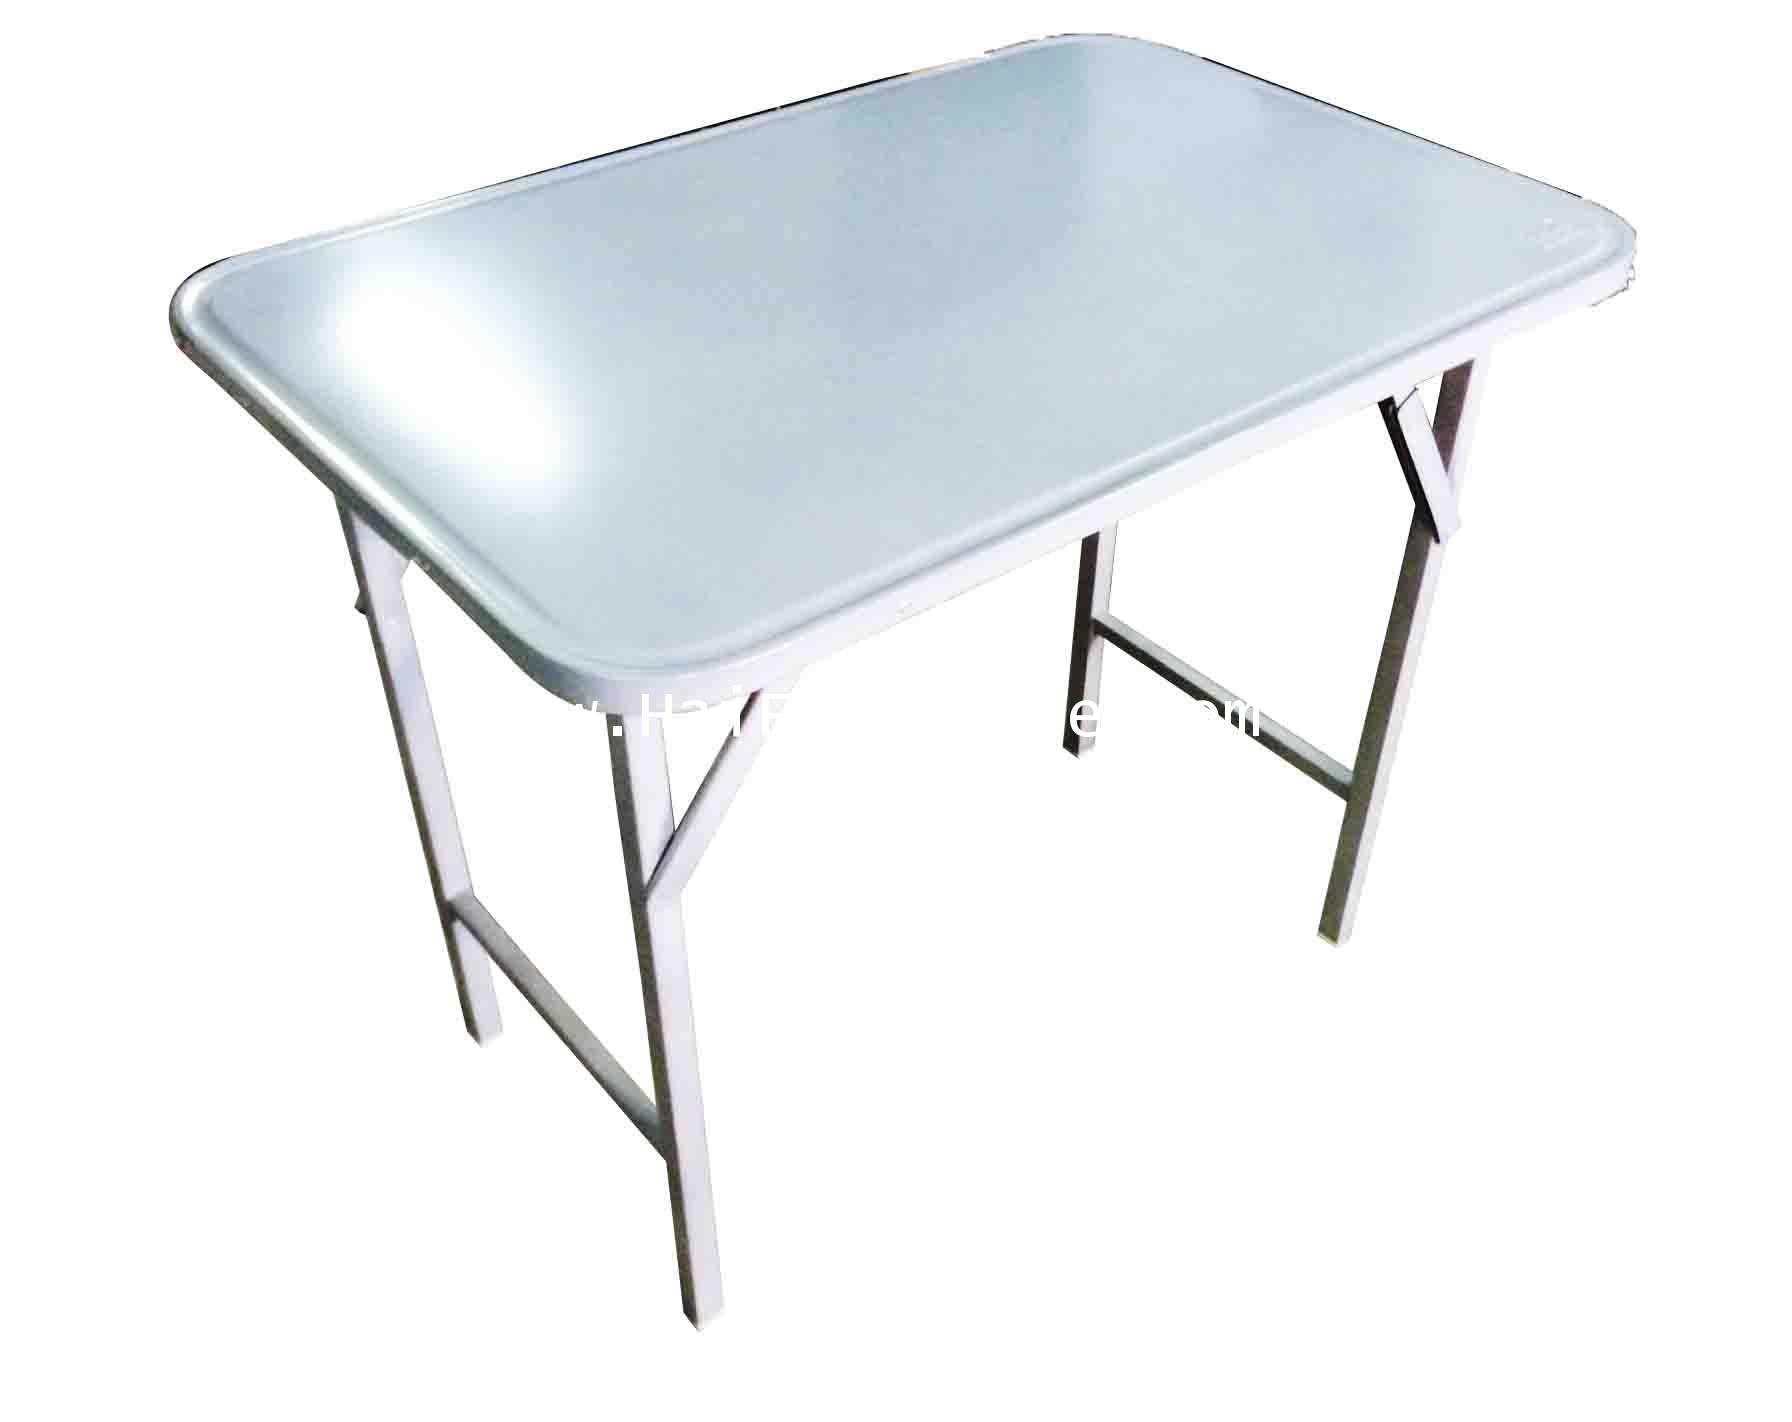 โต๊ะพับเหล็กขาสวิง 3 ฟุต